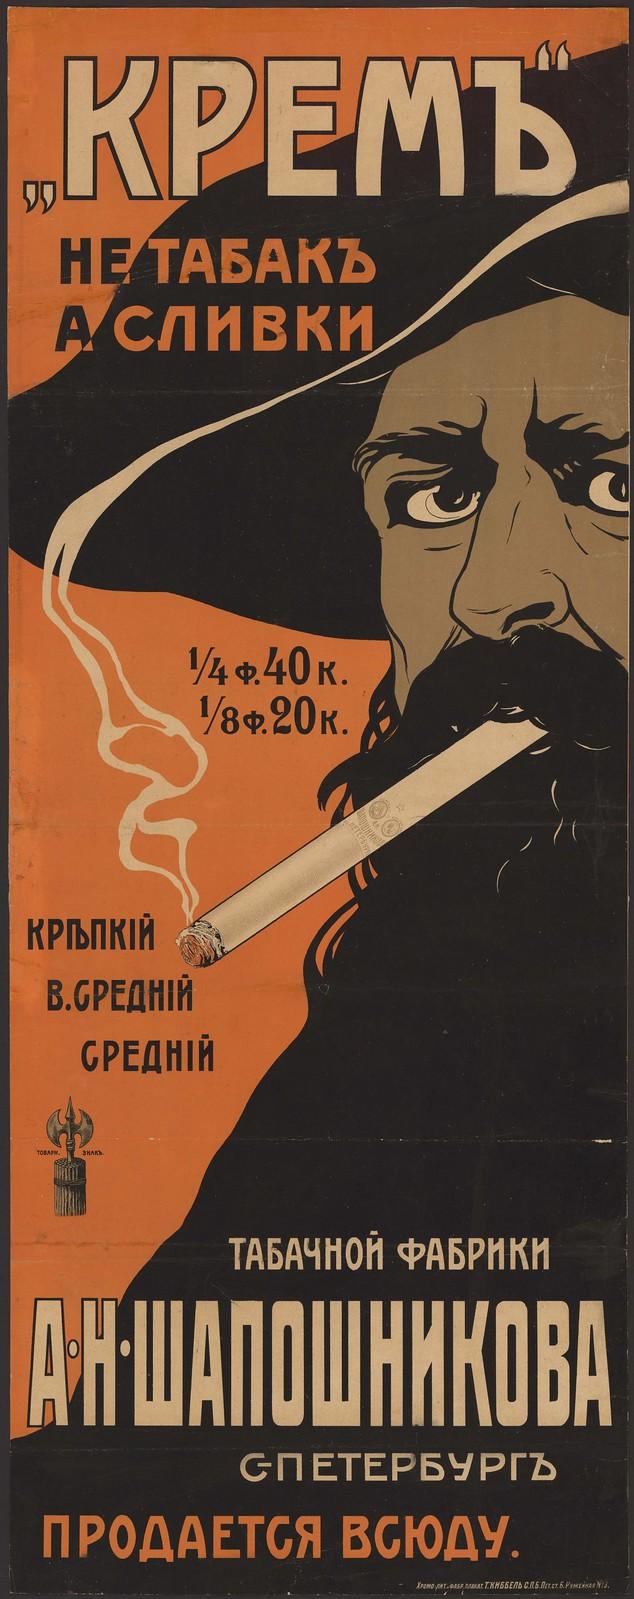 «Крем» не табак, а сливки. Крепкий, в. средний, средний табачной фабрики А. Н. Шапошникова. С.-Петербург